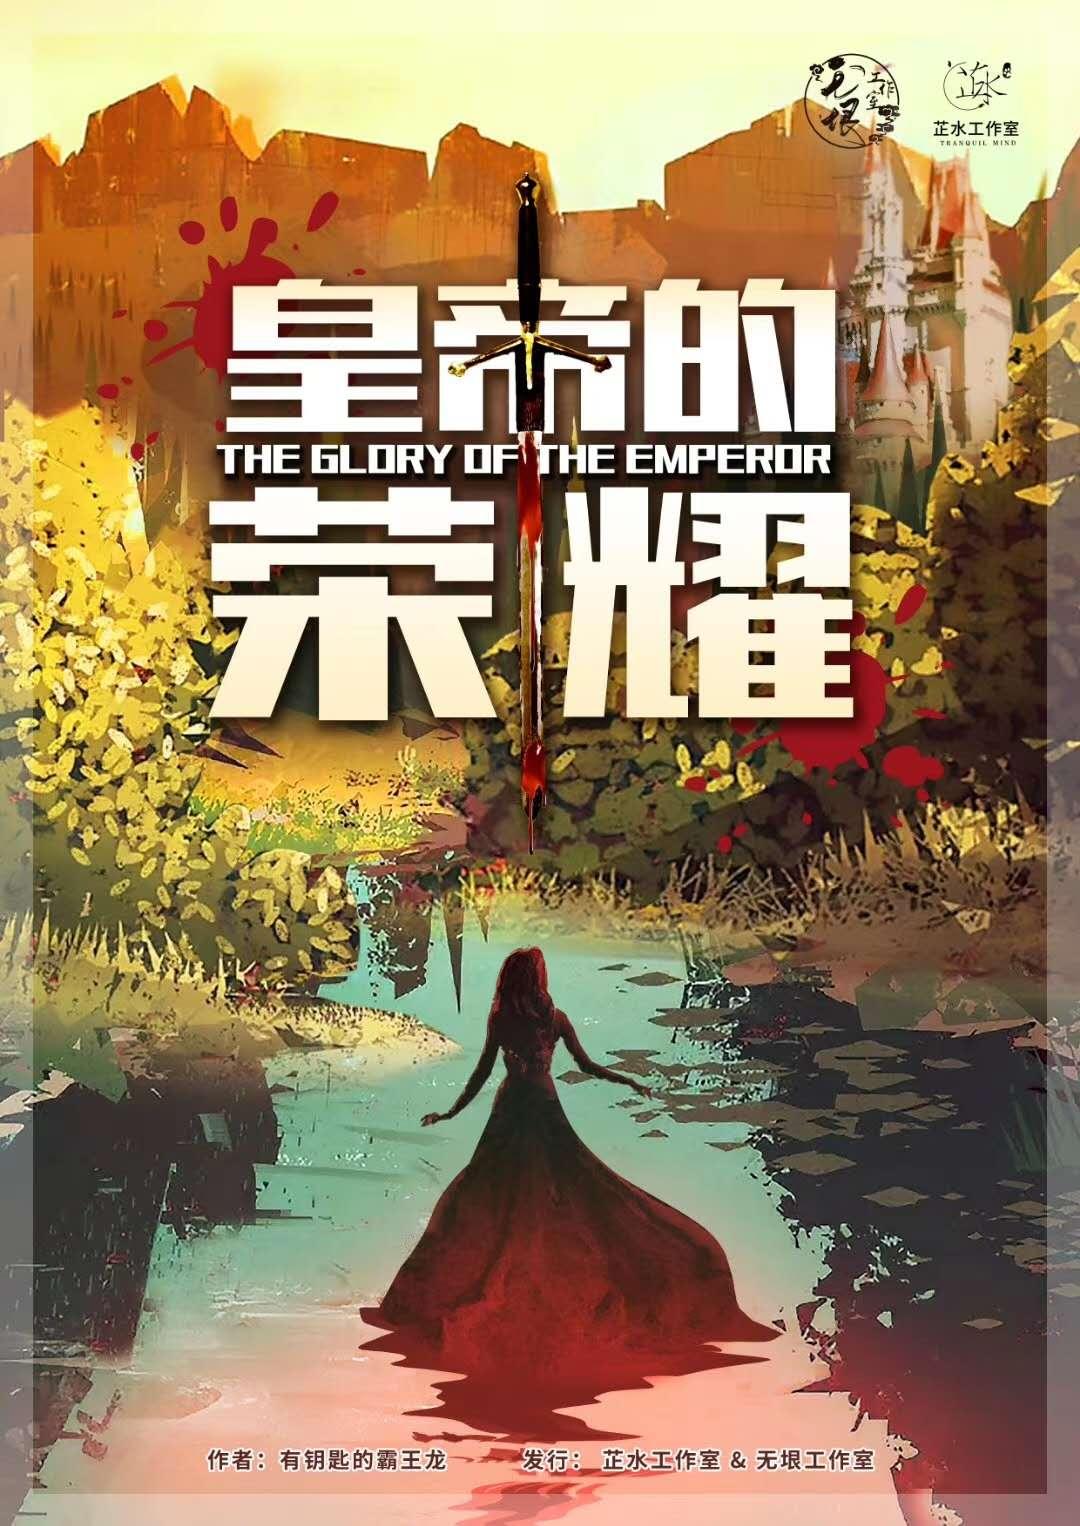 『皇帝的荣耀』剧本杀复盘真相答案 解析凶手是谁 剧透测评